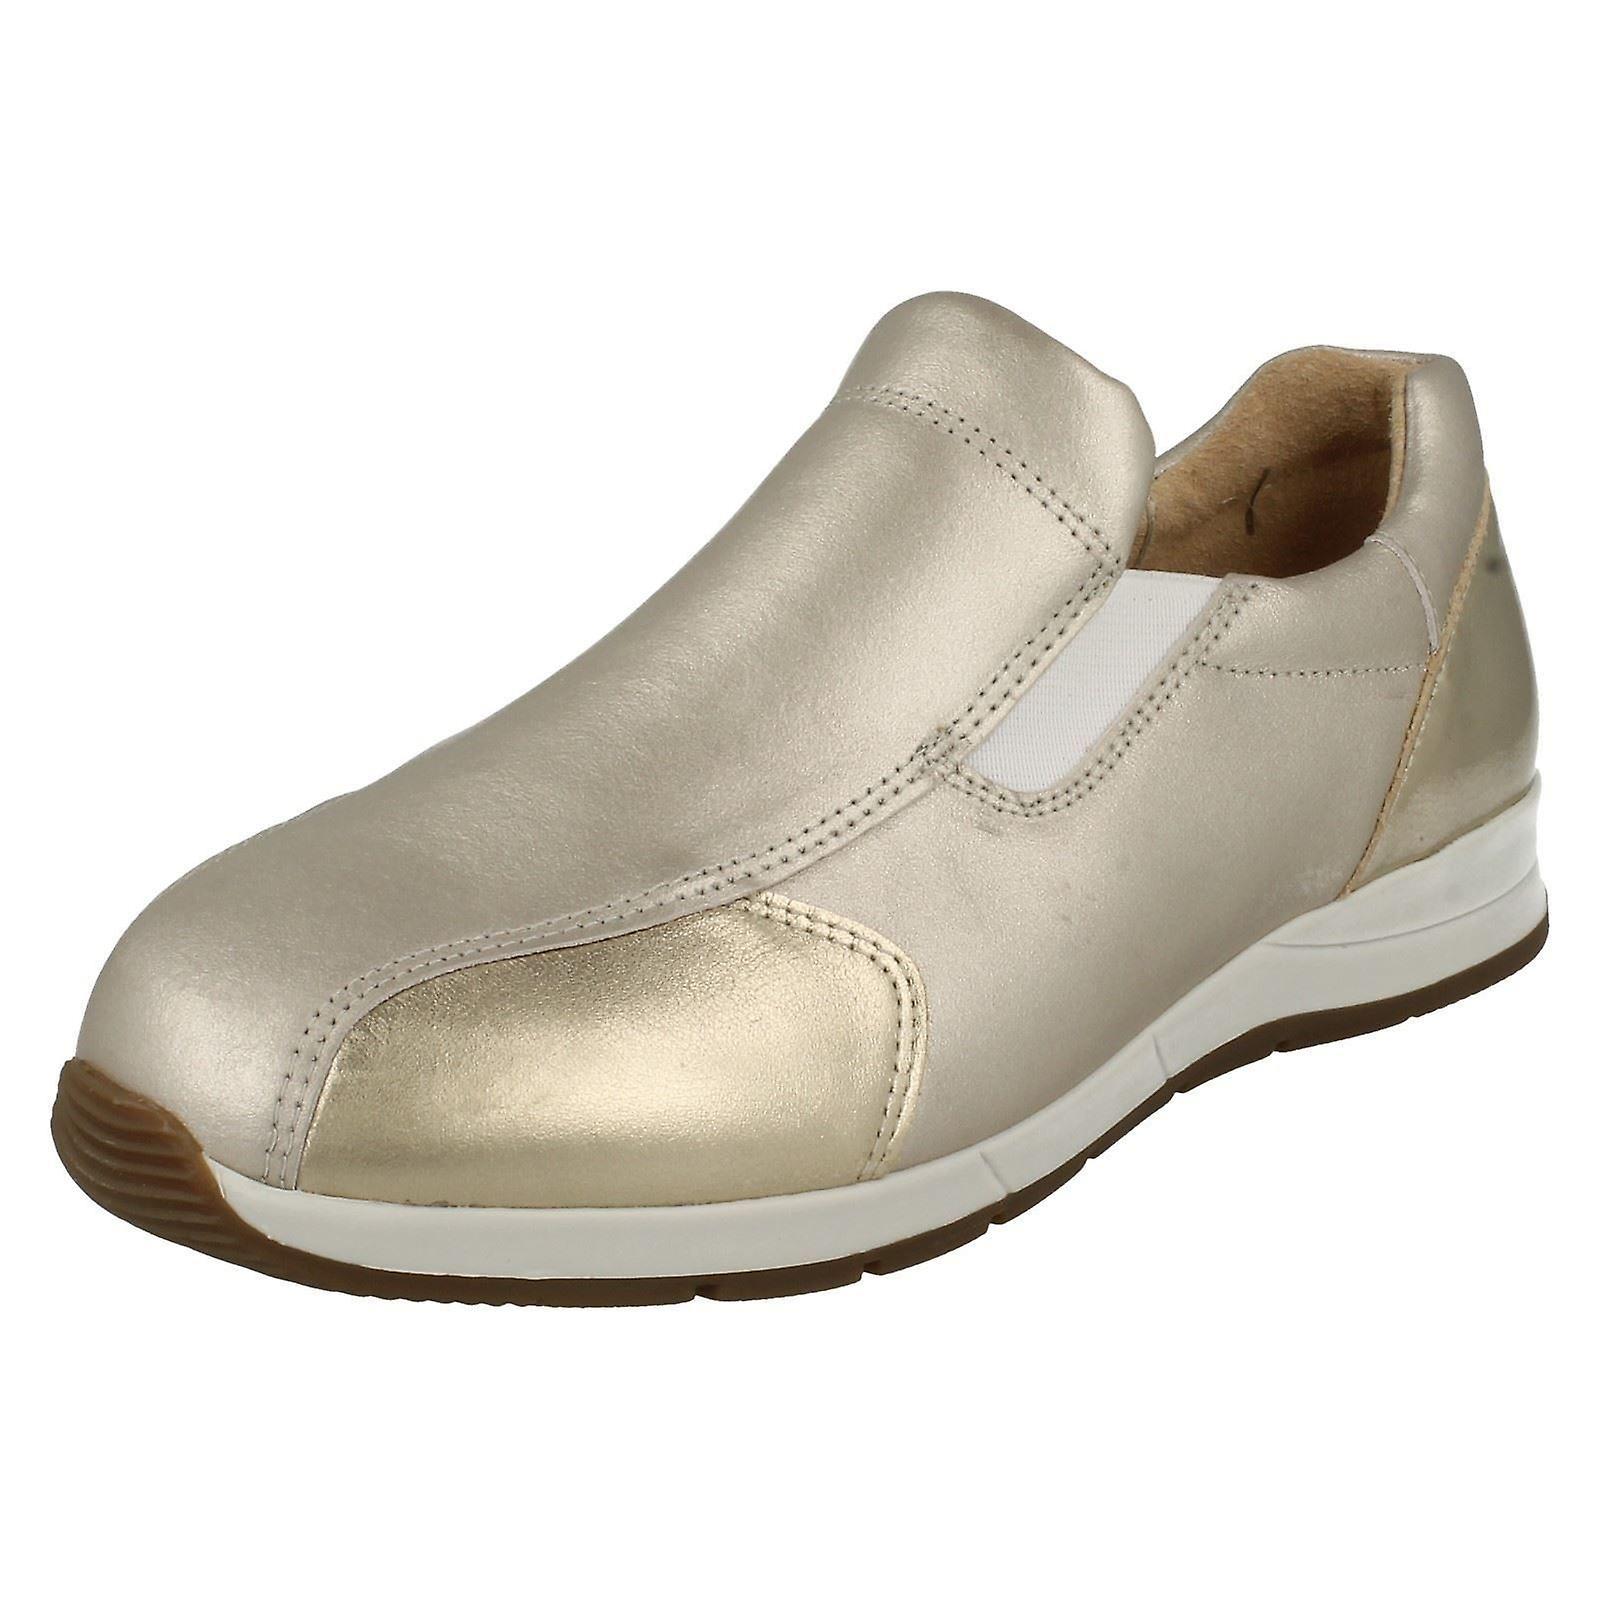 Damen einfach B Breite passend lässige Slip On Schuhe Cleo